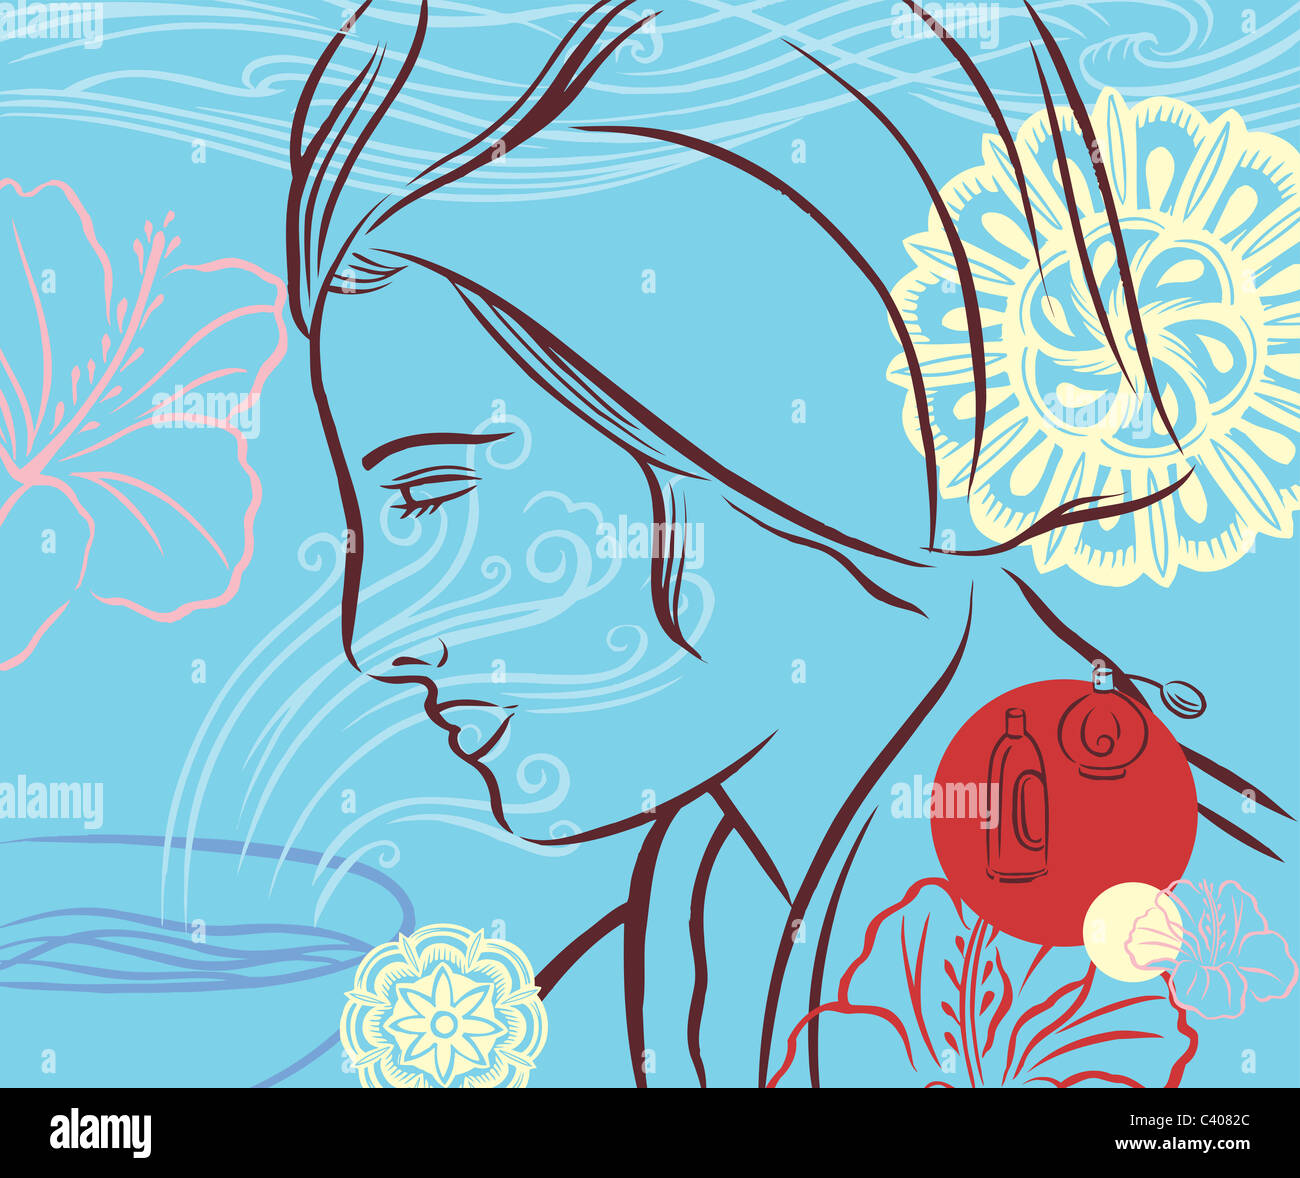 Ilustración de una mujer vistiendo una toalla sobre su cabeza Imagen De Stock